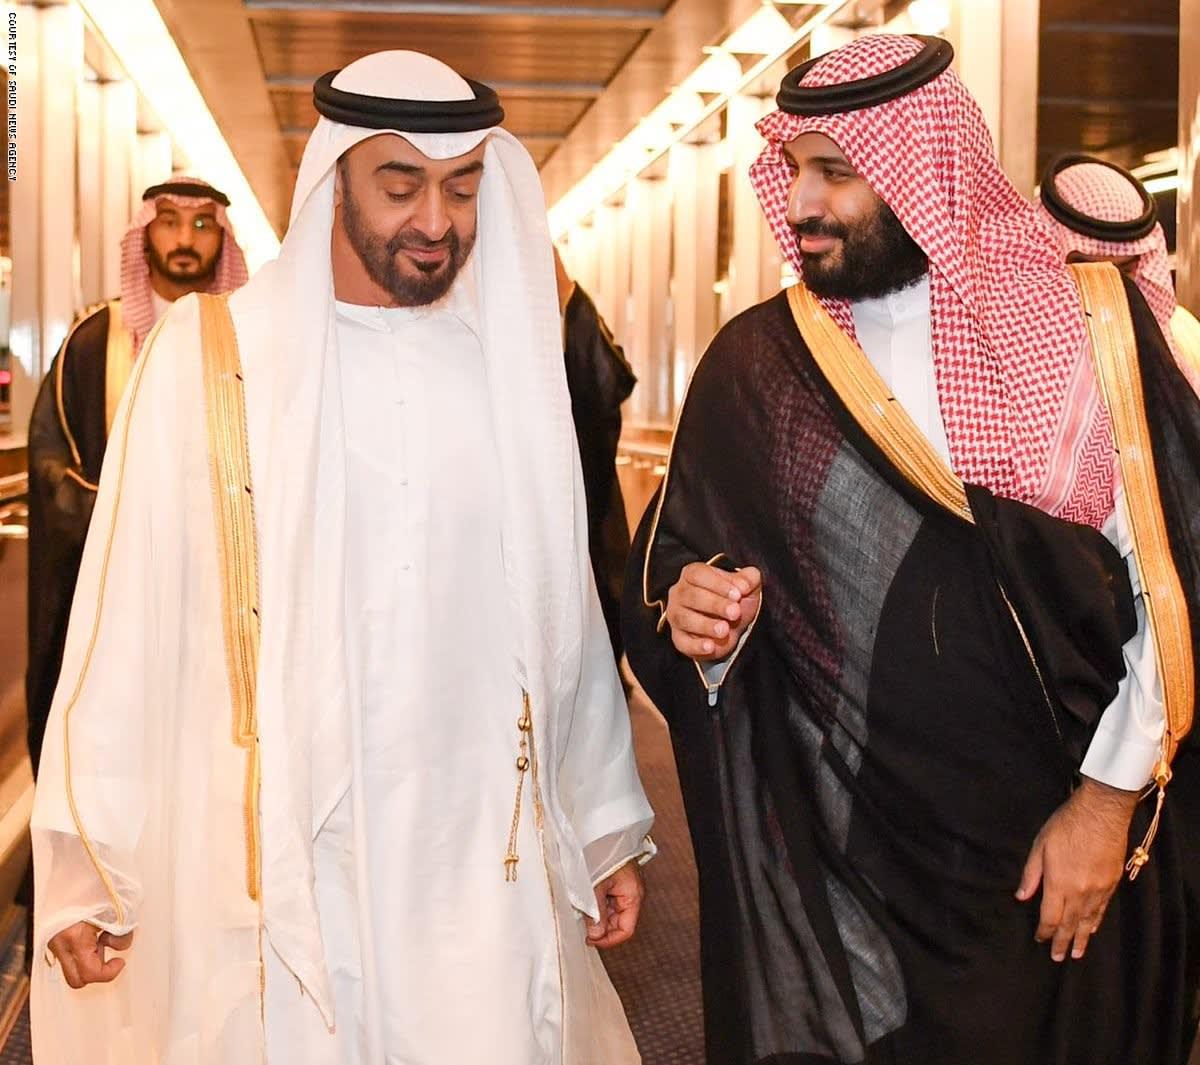 الأعلى بين دول مجلس التعاون.. هذا حجم التبادل التجاري بين الإمارات والسعودية